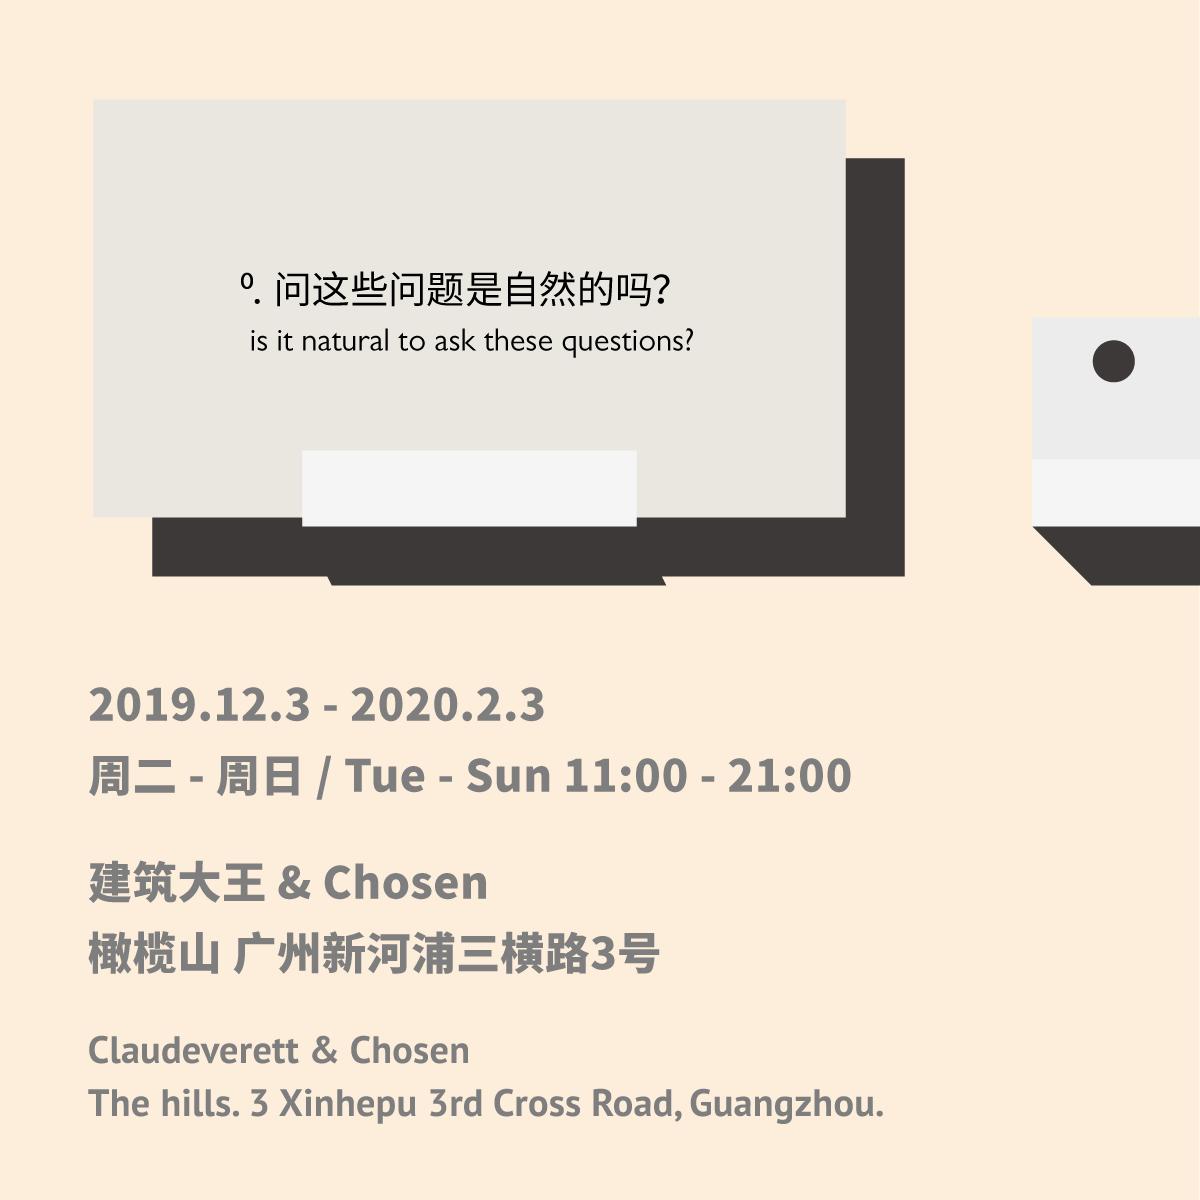 questionsaboutnature@guangzhou